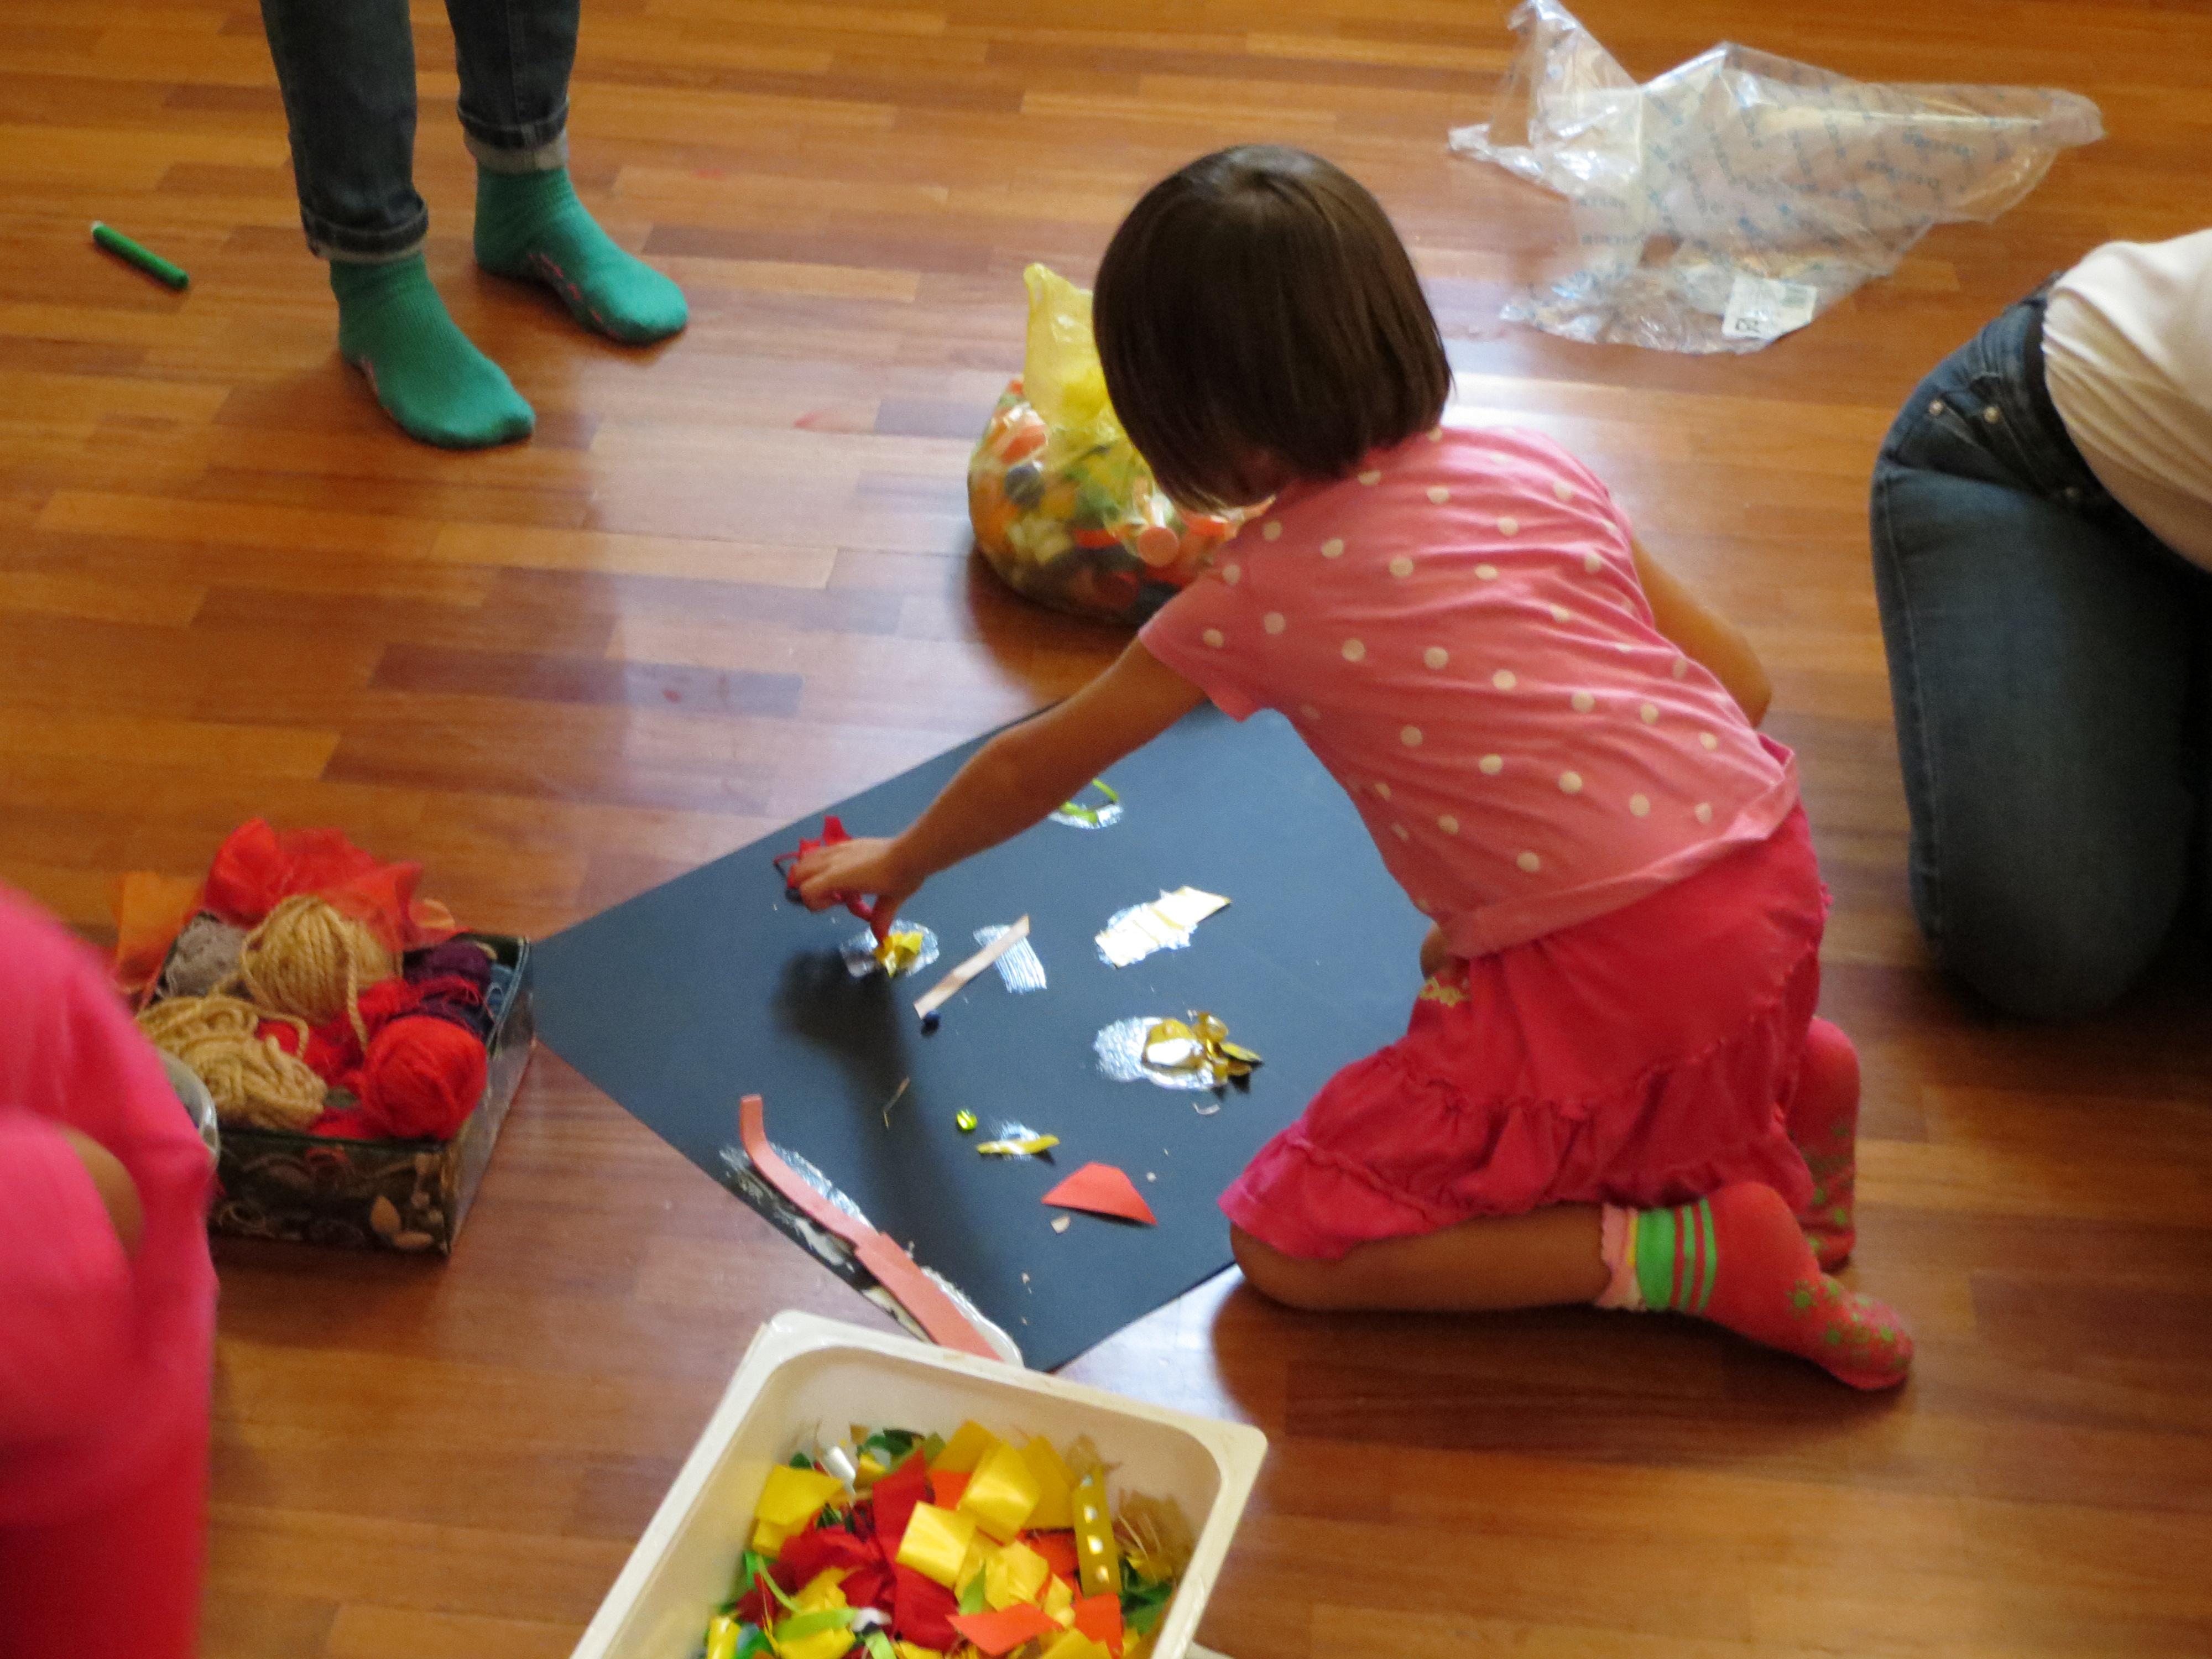 Top Giochi per bambini da 3 a 4 anni | L' ARTE TI FA CRESCERE ! BH61